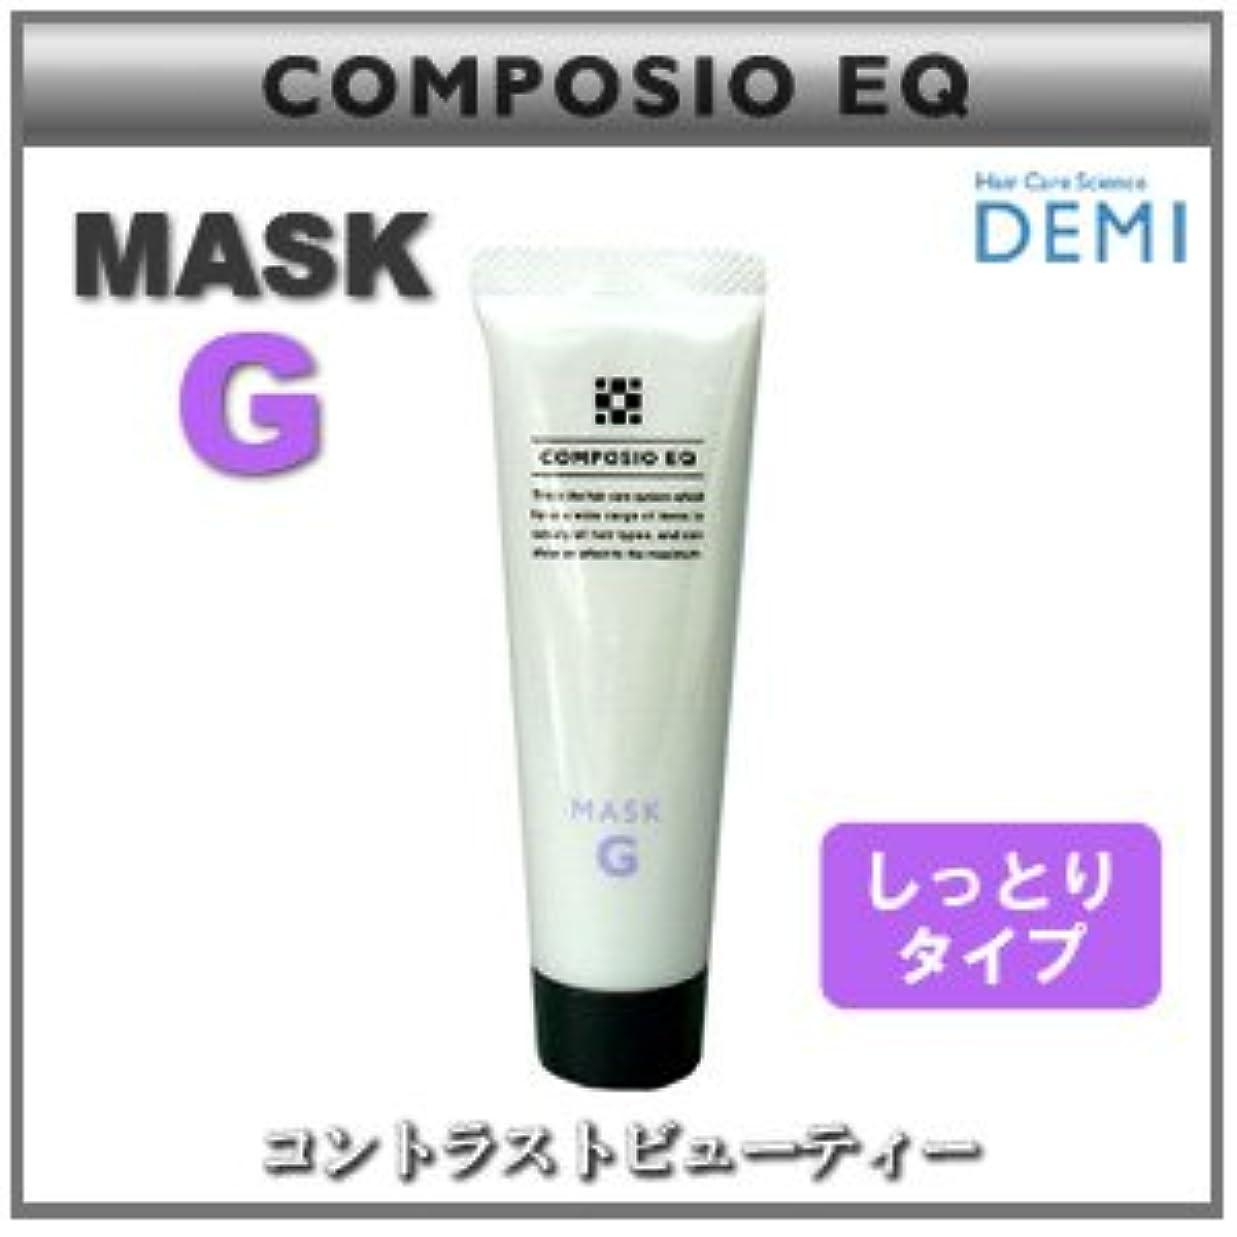 一般化する事務所ブリッジ【X2個セット】 デミ コンポジオ EQ マスク G 50g